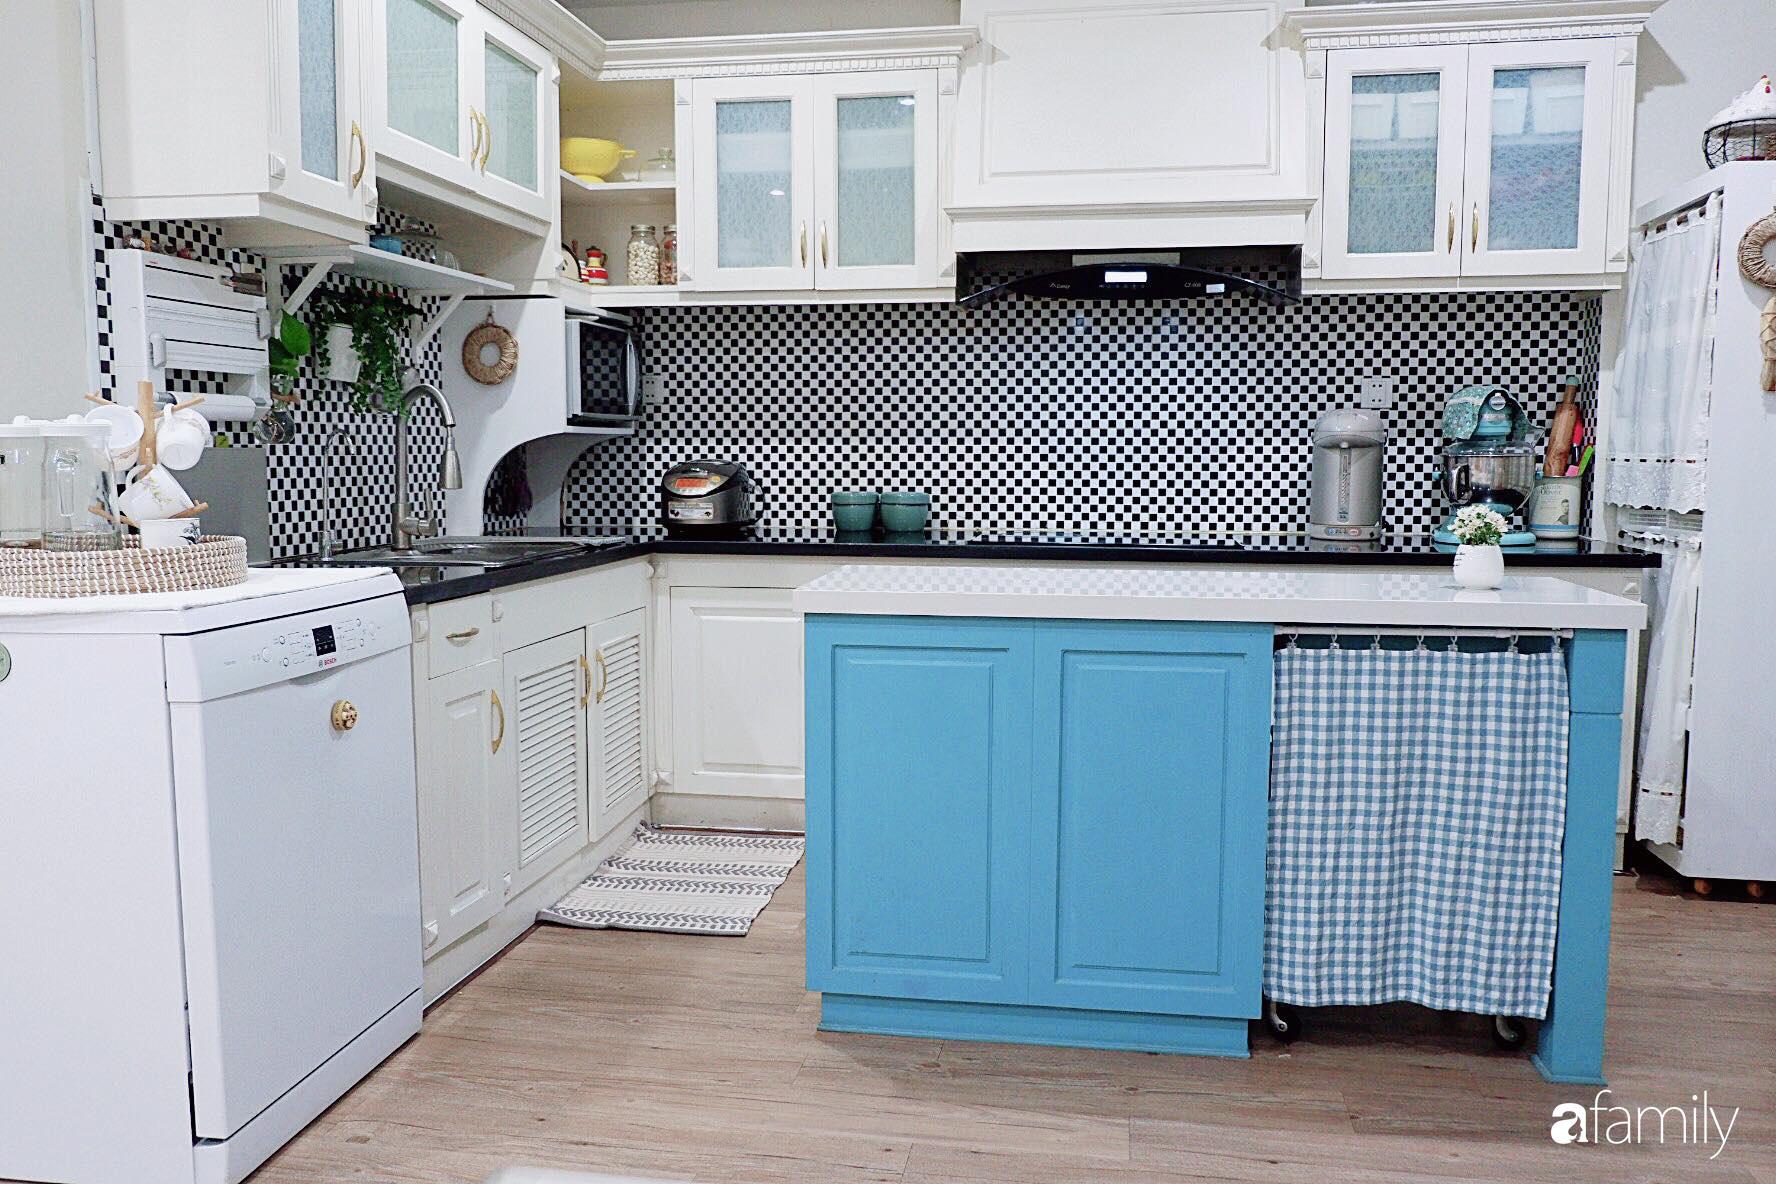 Căn bếp nhỏ xíu xây nhiều năm vẫn gọn đẹp như mới ở TP. HCM - Ảnh 3.